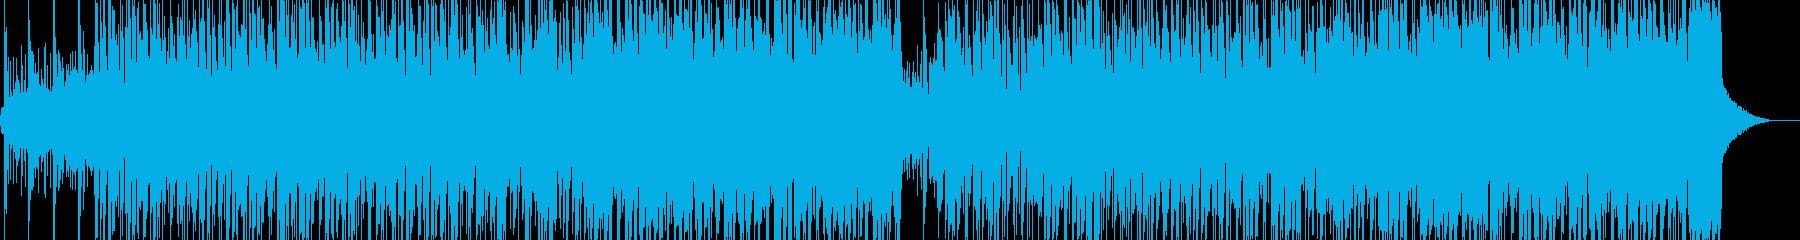 異世界・ミステリアスなR&B エレキ無Aの再生済みの波形